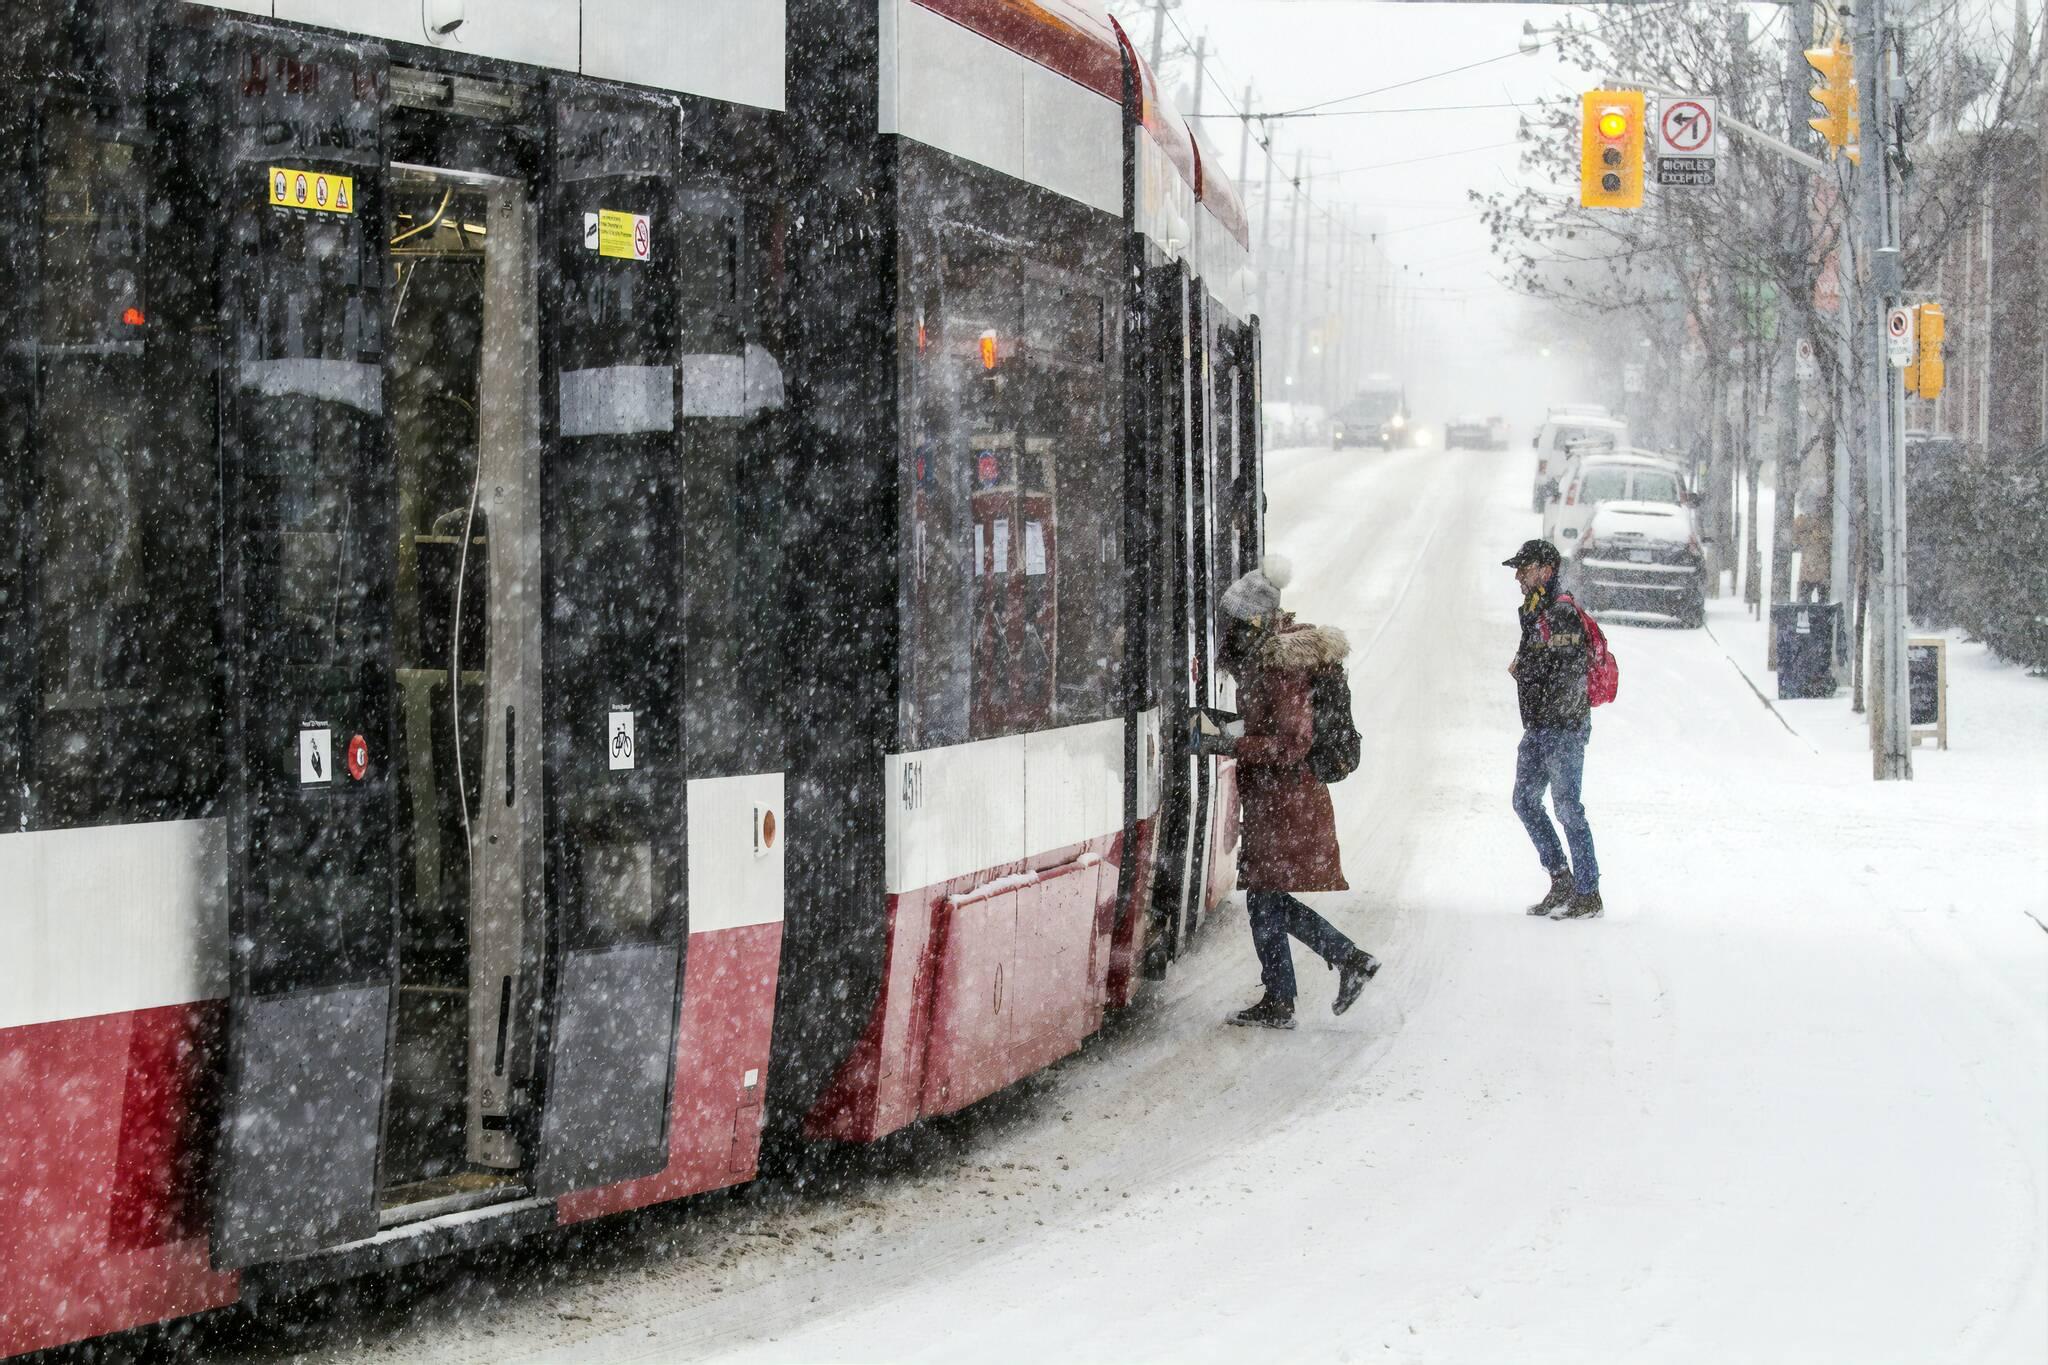 toronto snowfall total